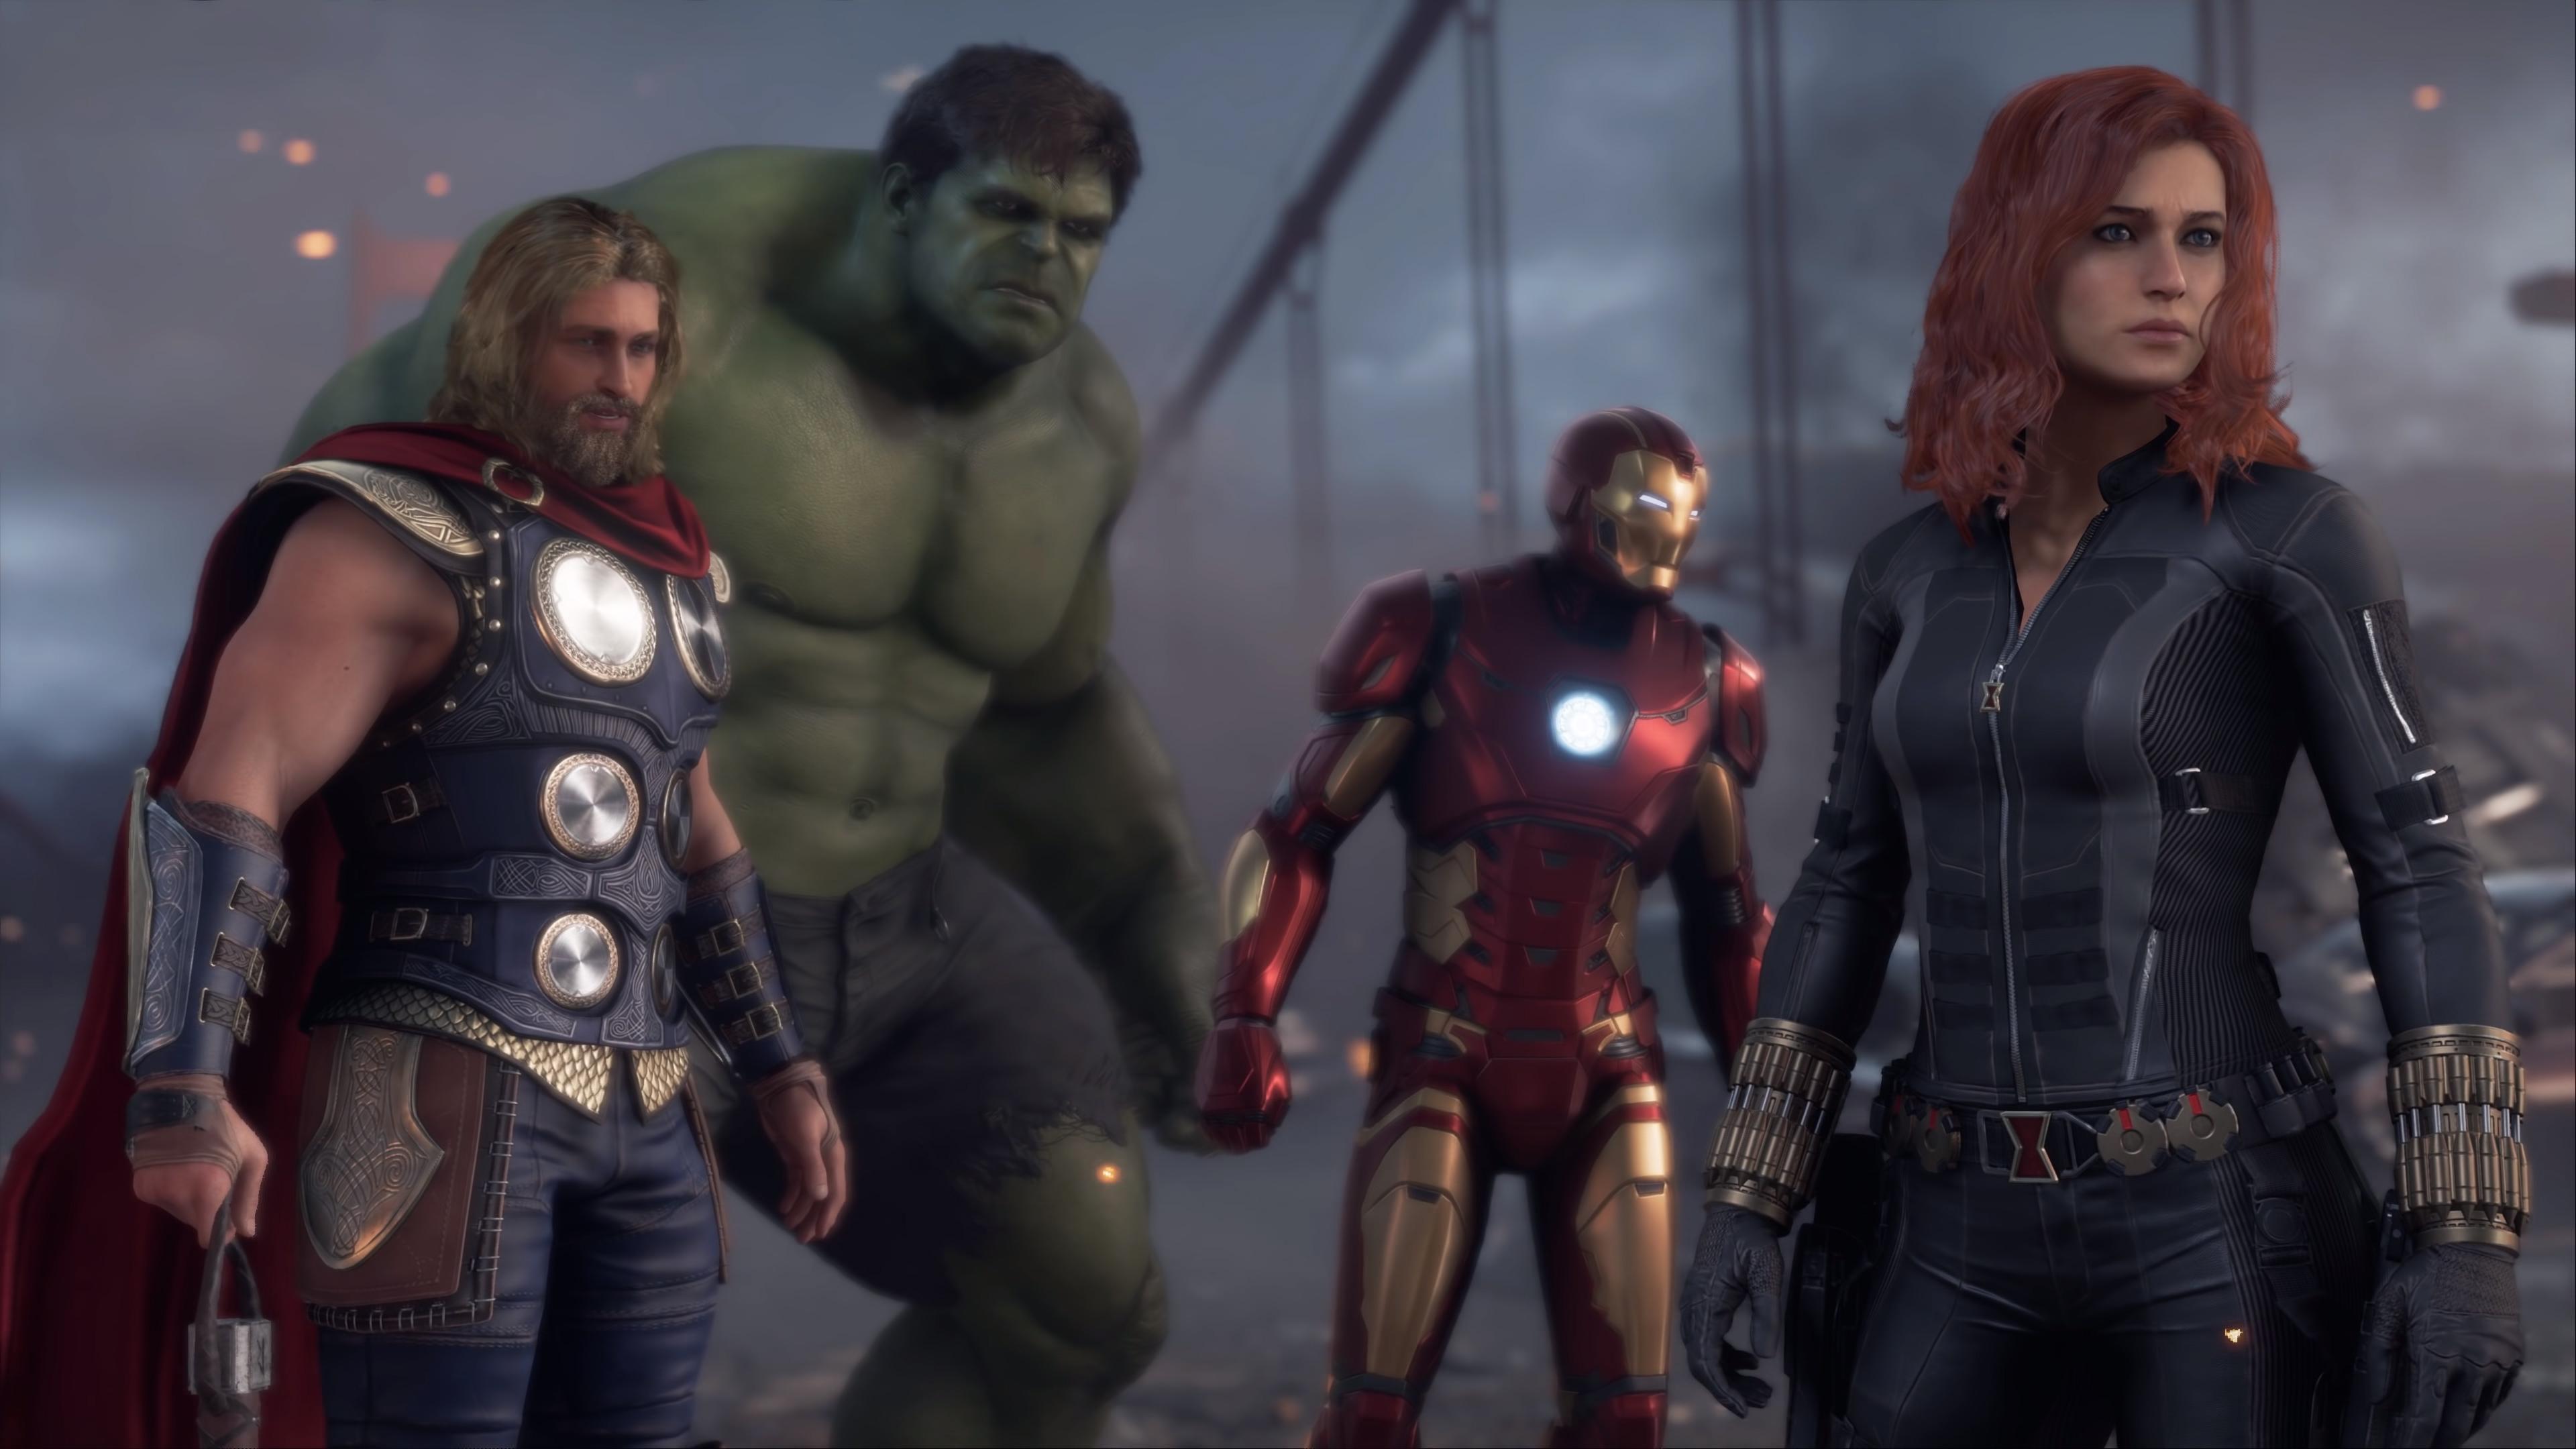 marvels avengers 1570392789 - Marvels Avengers - marvels avengers wallpapers, marvel wallpapers, iron man wallpapers, hd-wallpapers, games wallpapers, avengers-wallpapers, 4k-wallpapers